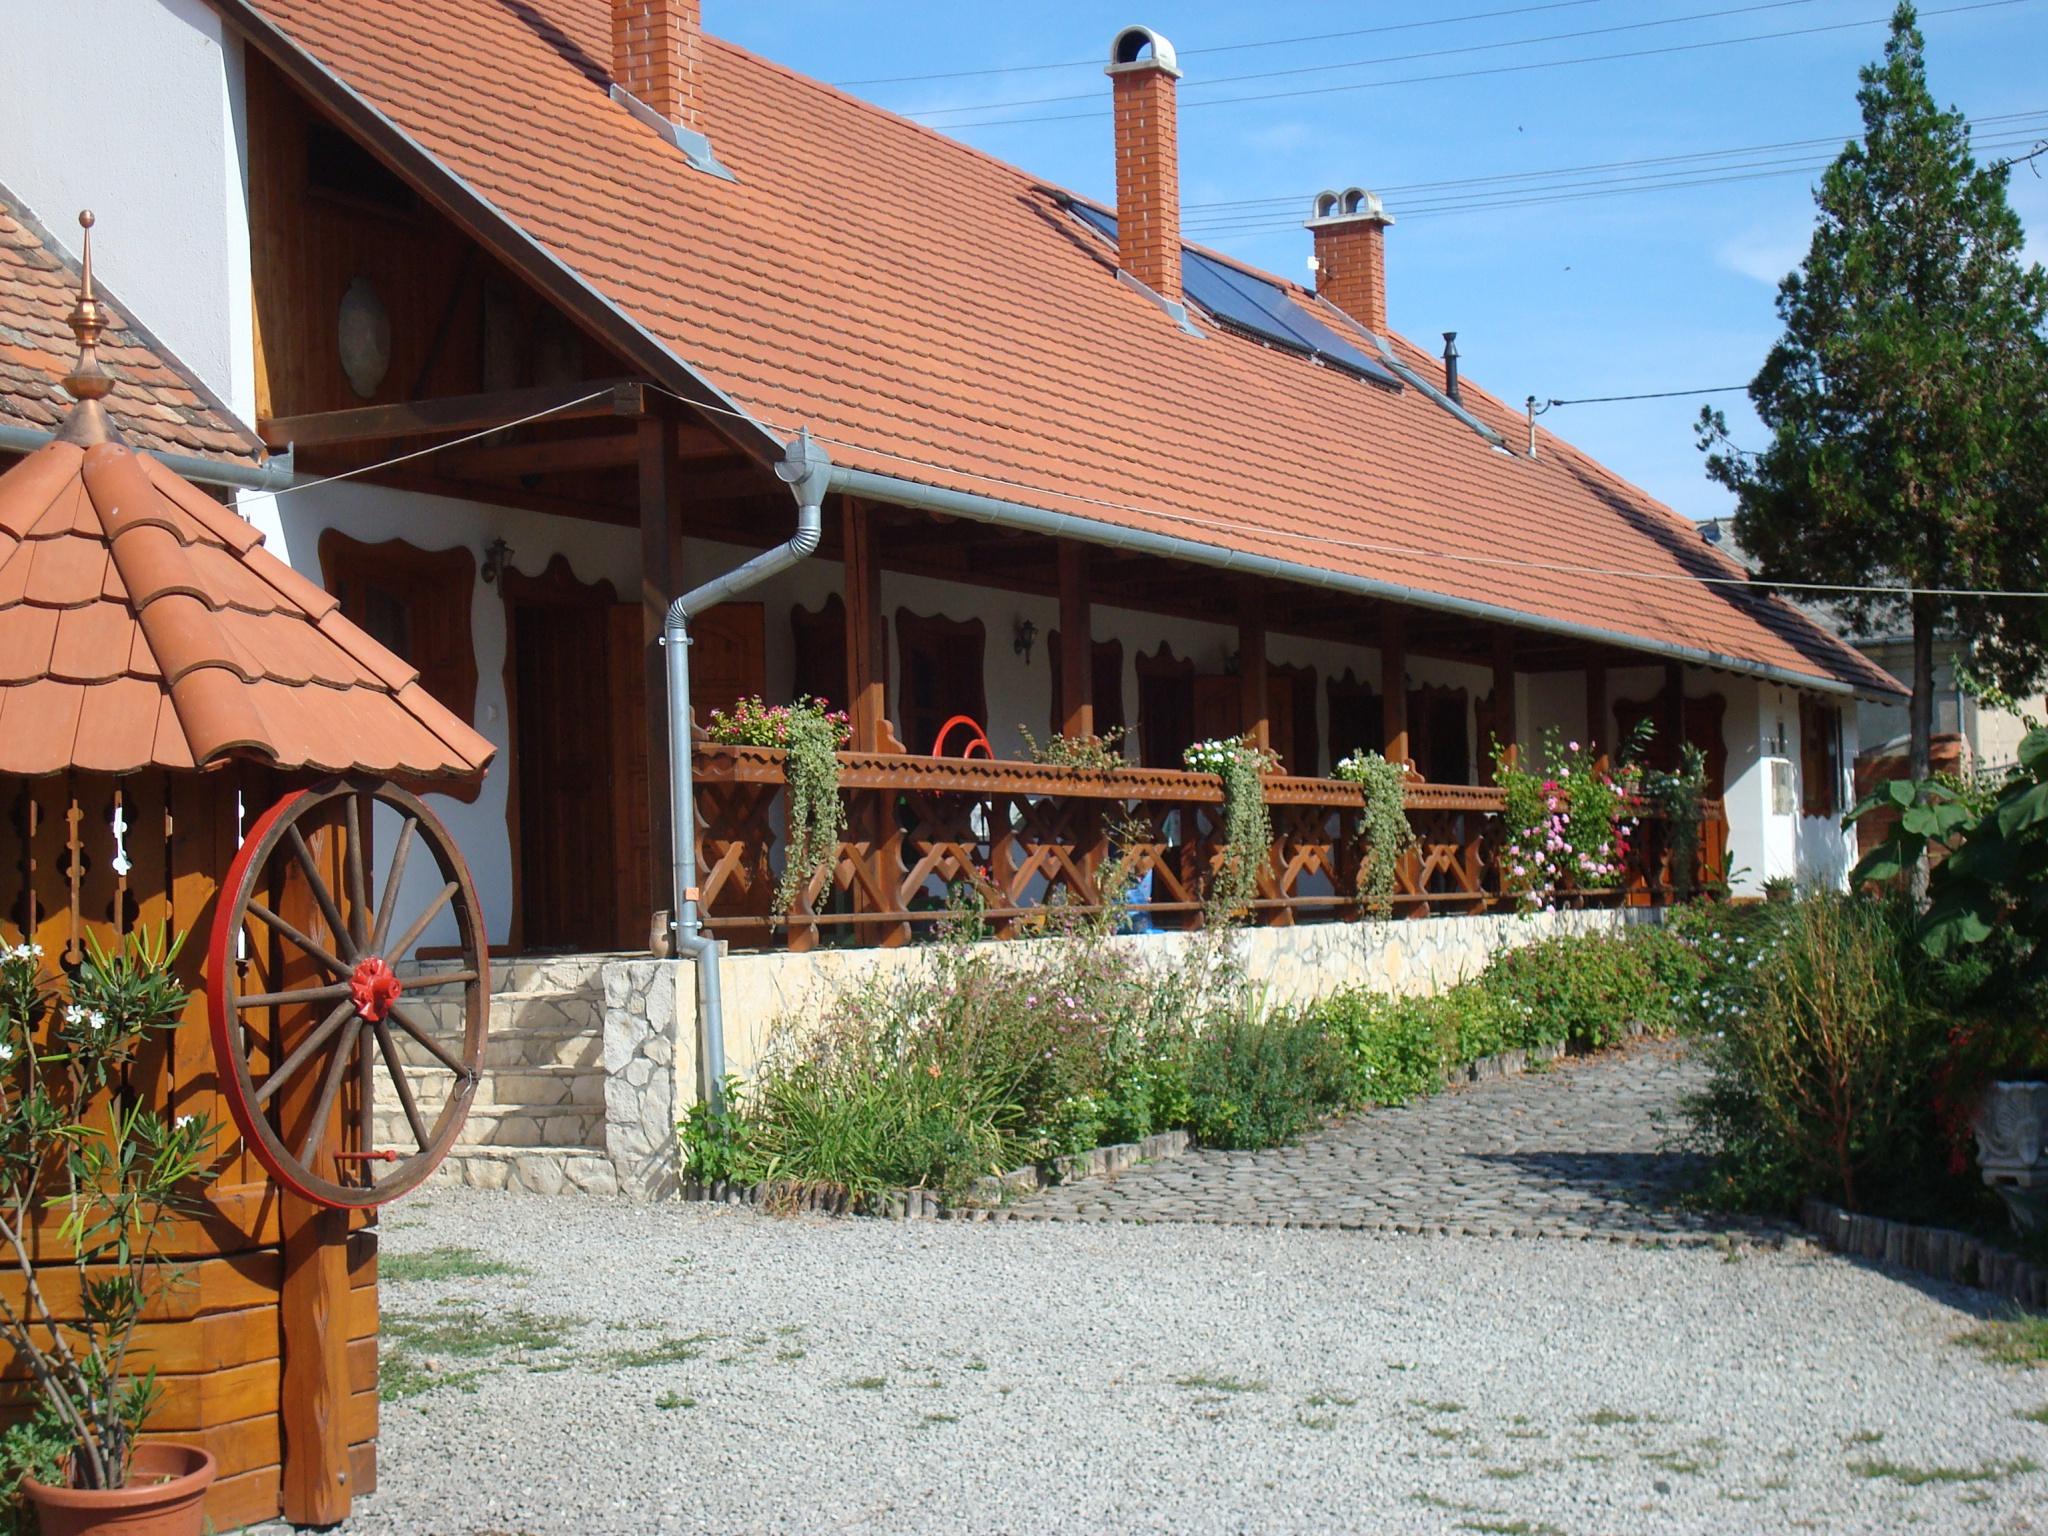 Ócsárdi Tópanzió - (lodging)